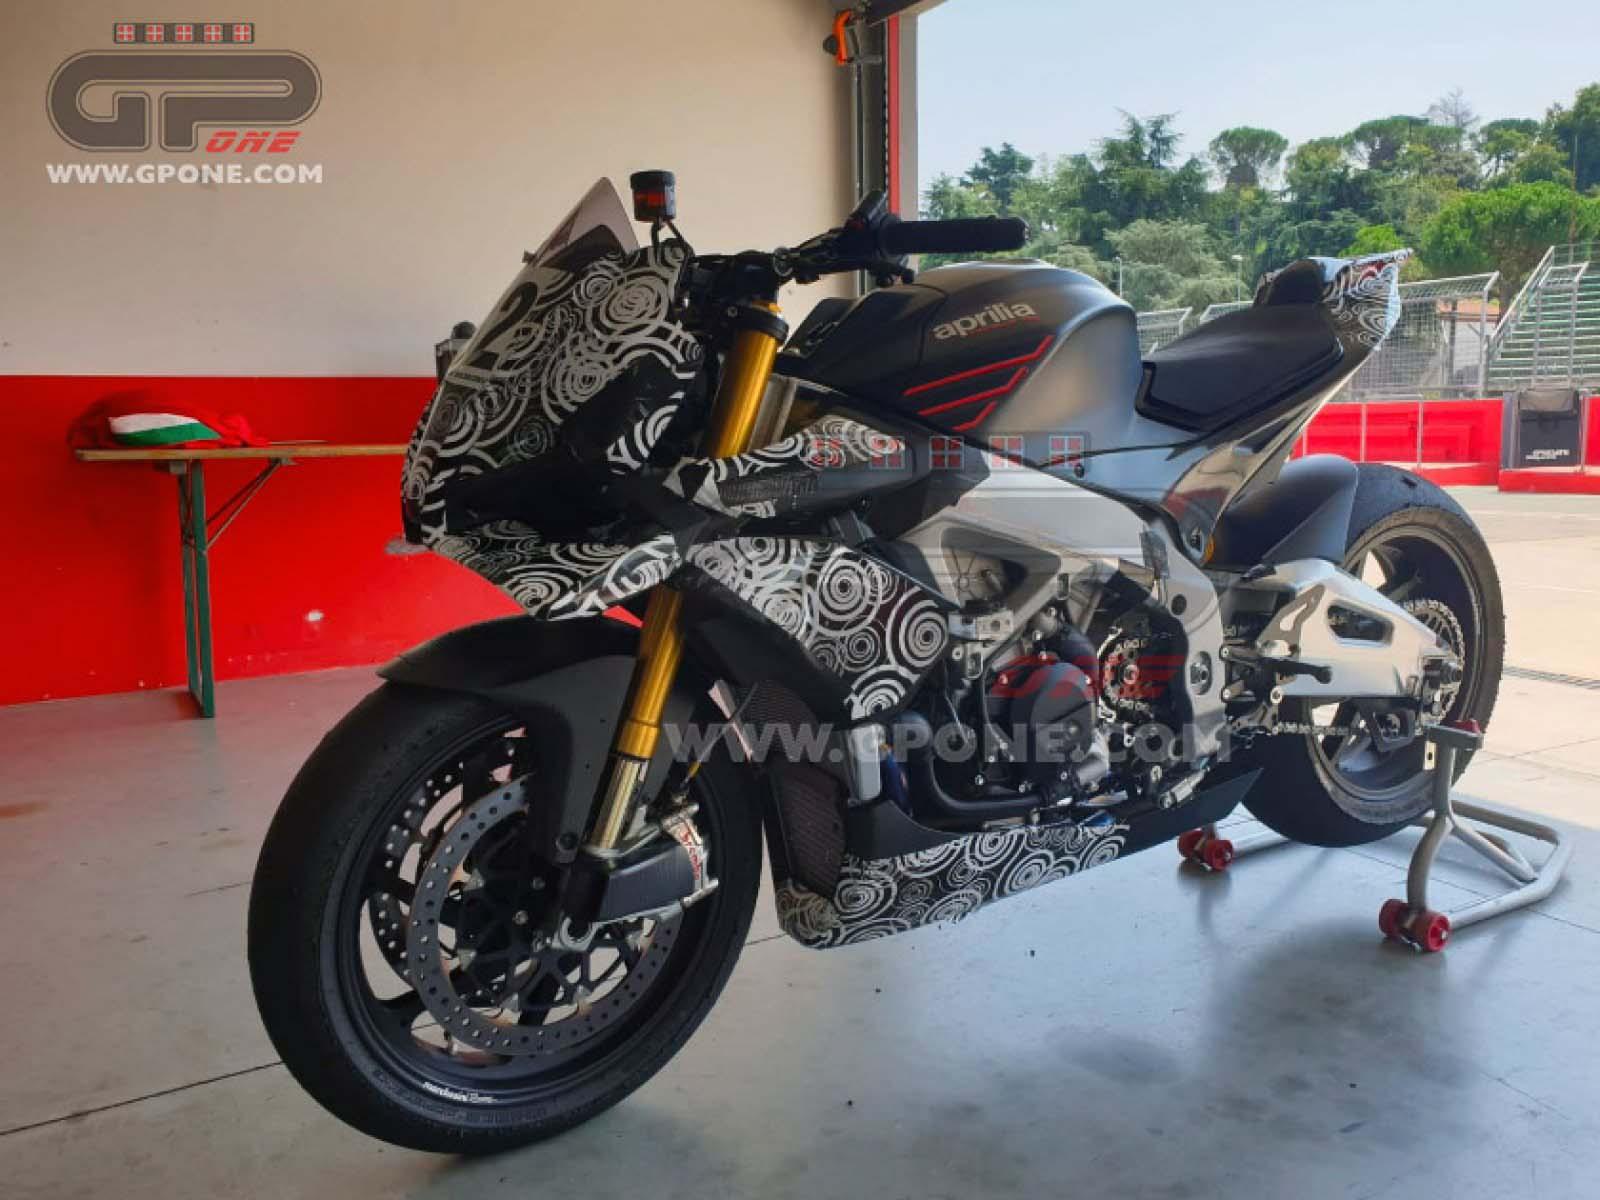 2021 Aprilia Tuono V4 1100 Could Receive Motogp Winglets Drivemag Riders